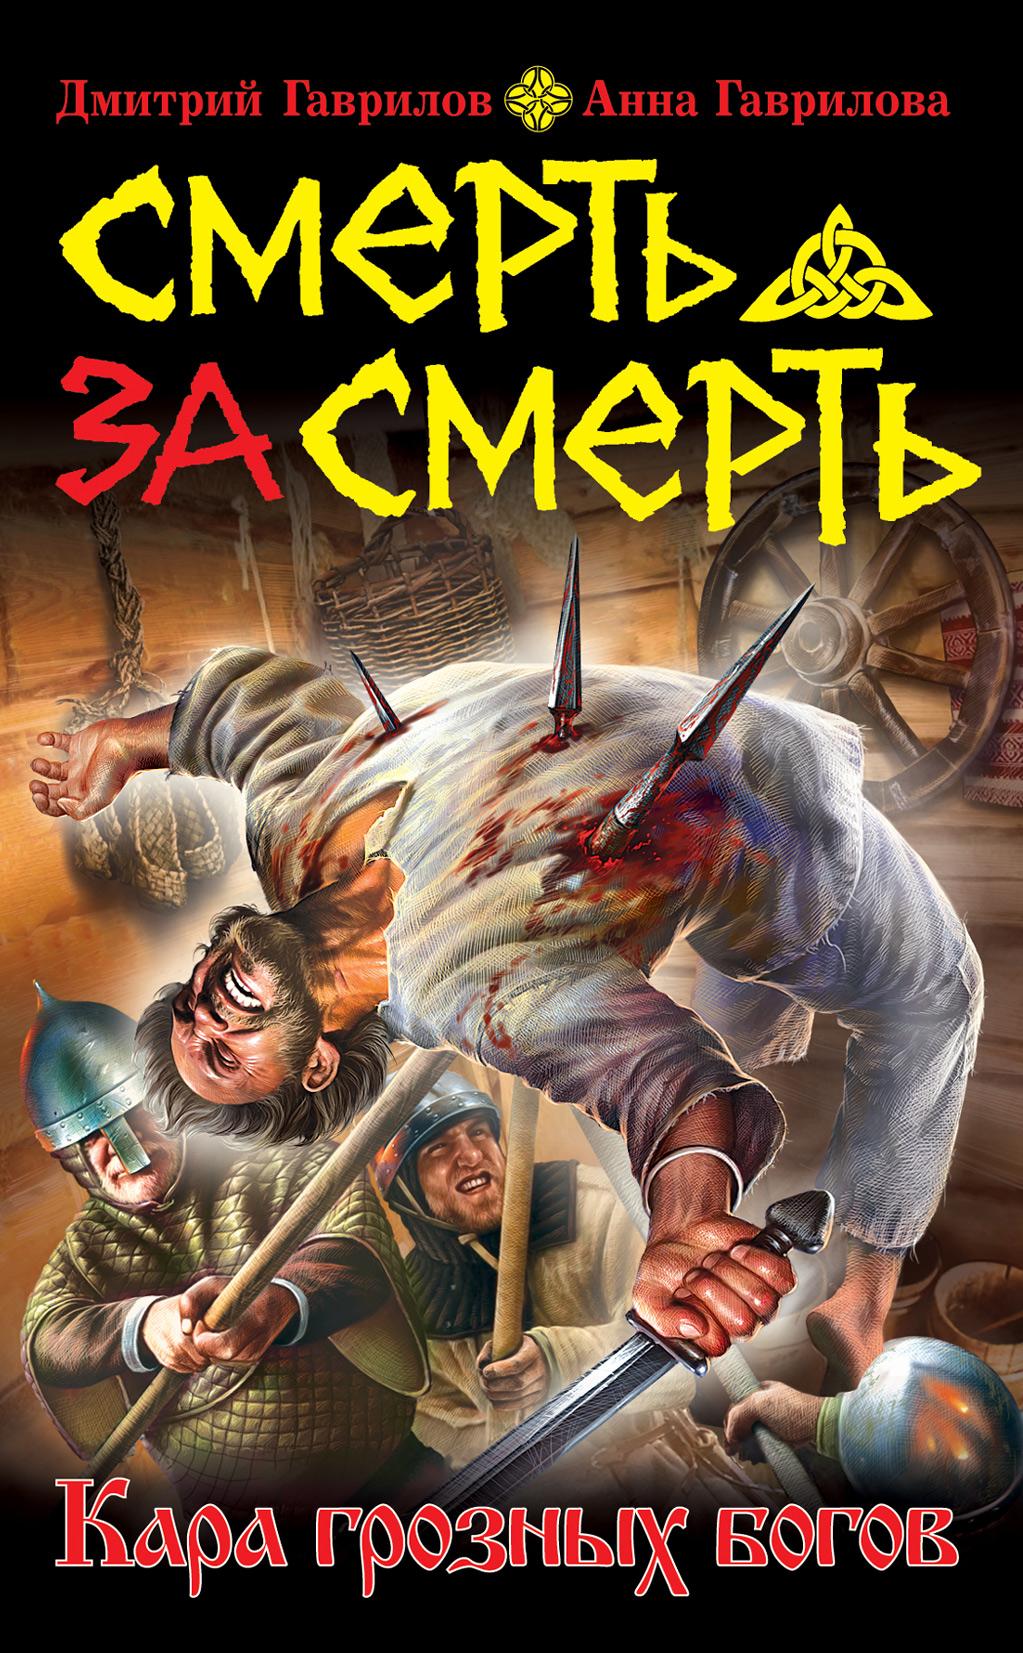 Дмитрий Гаврилов Смерть за смерть. Кара грозных богов